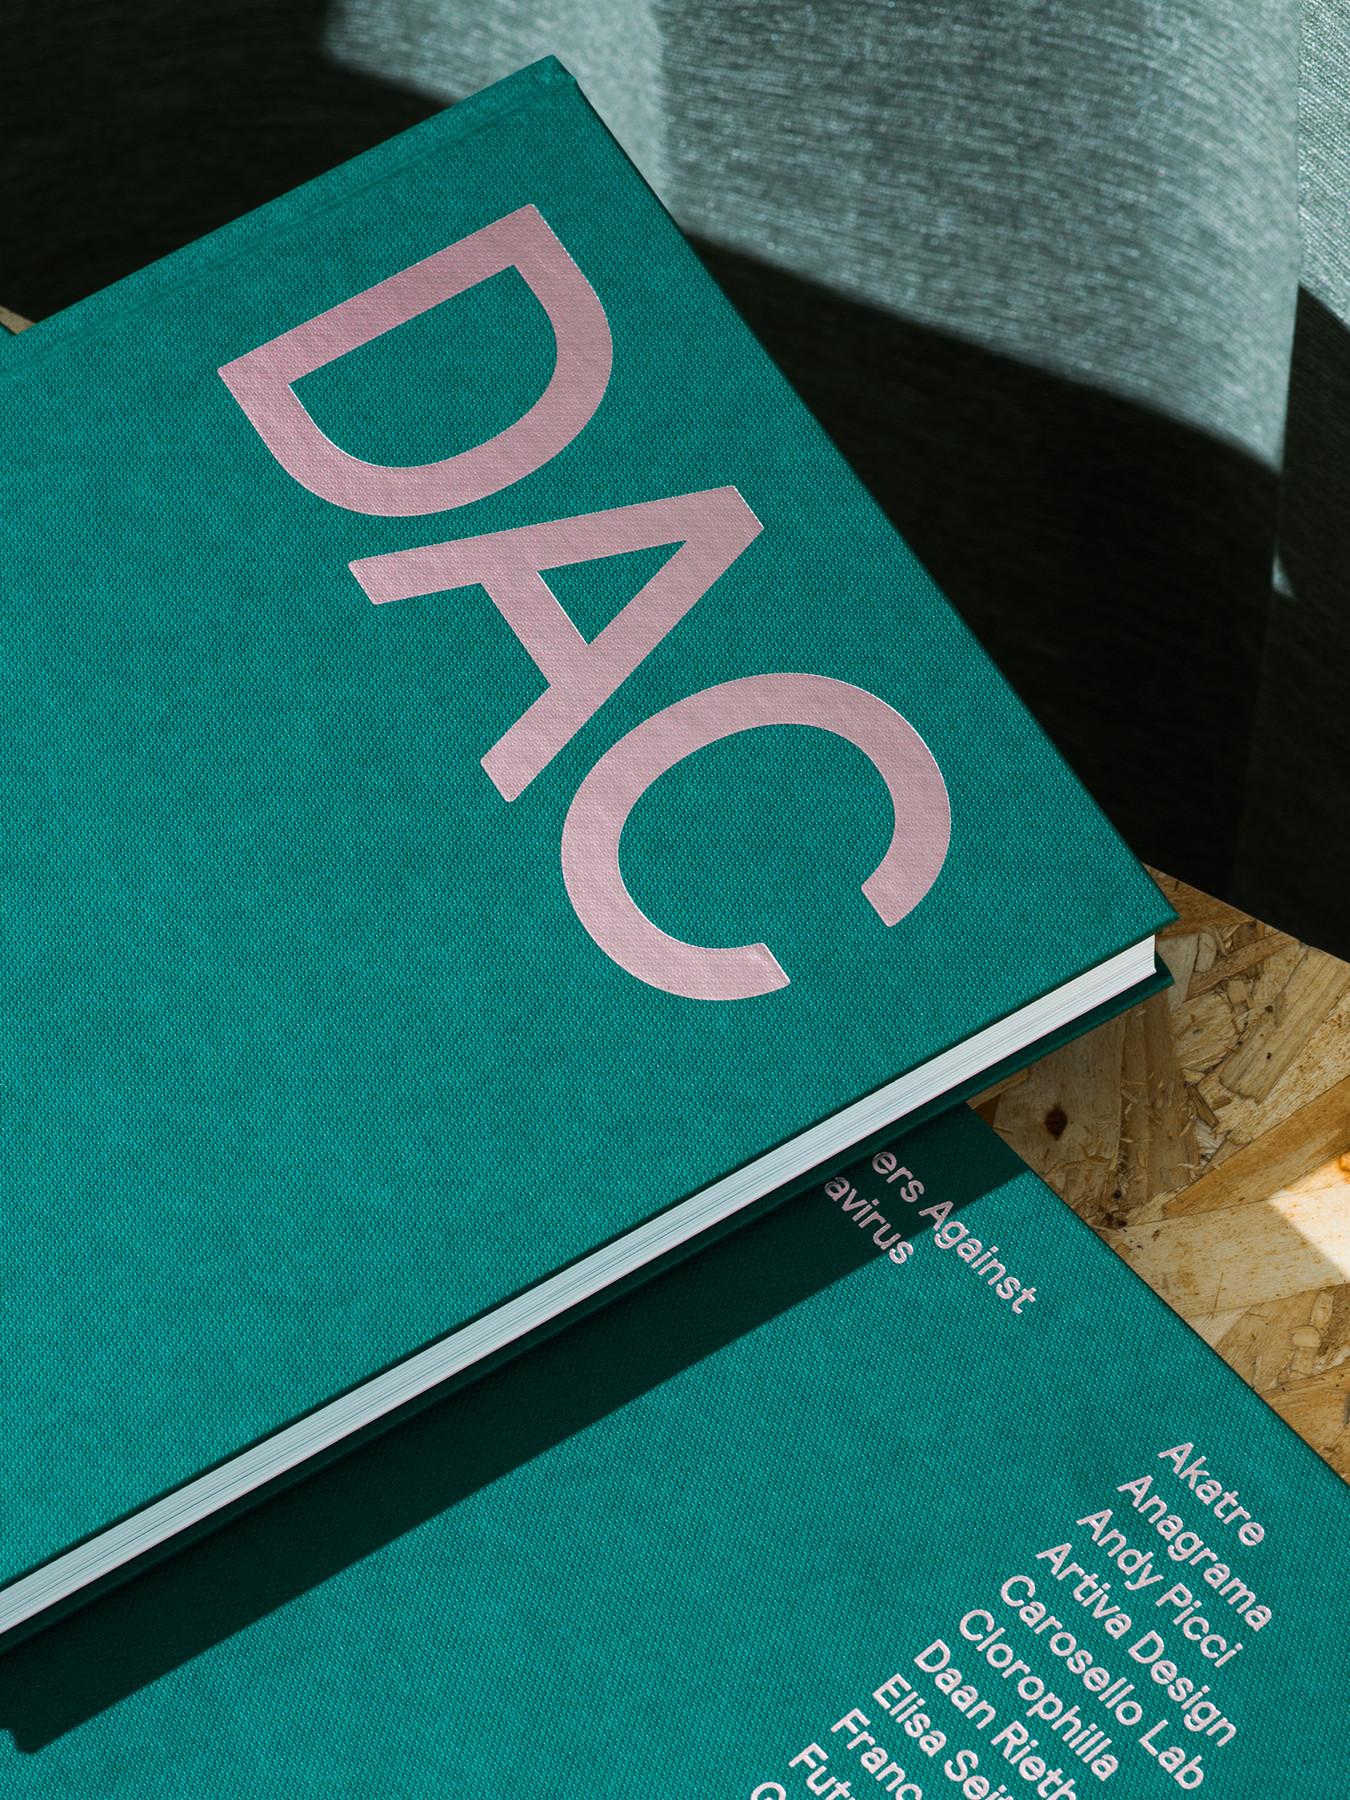 DAC Book CaroselloLab detail